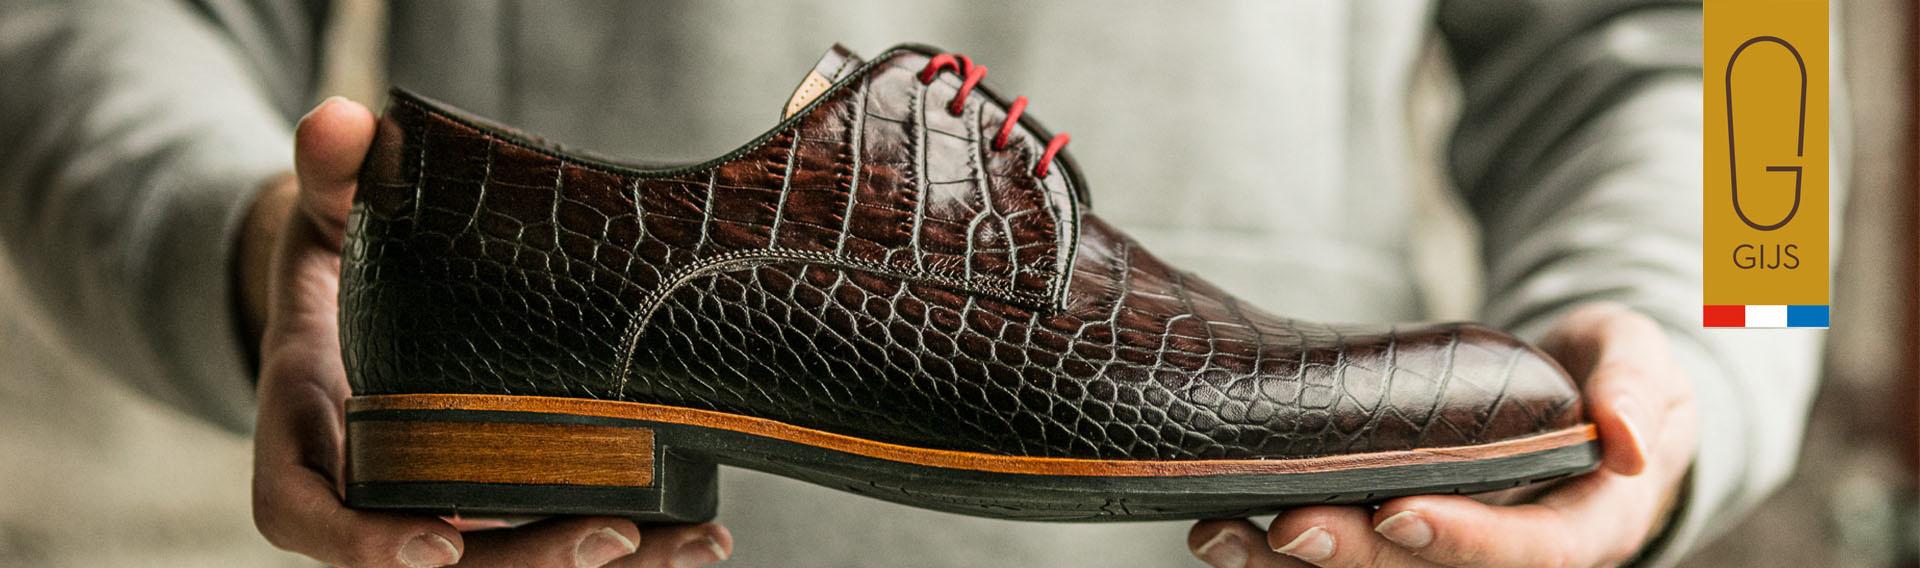 Gijs schoenen